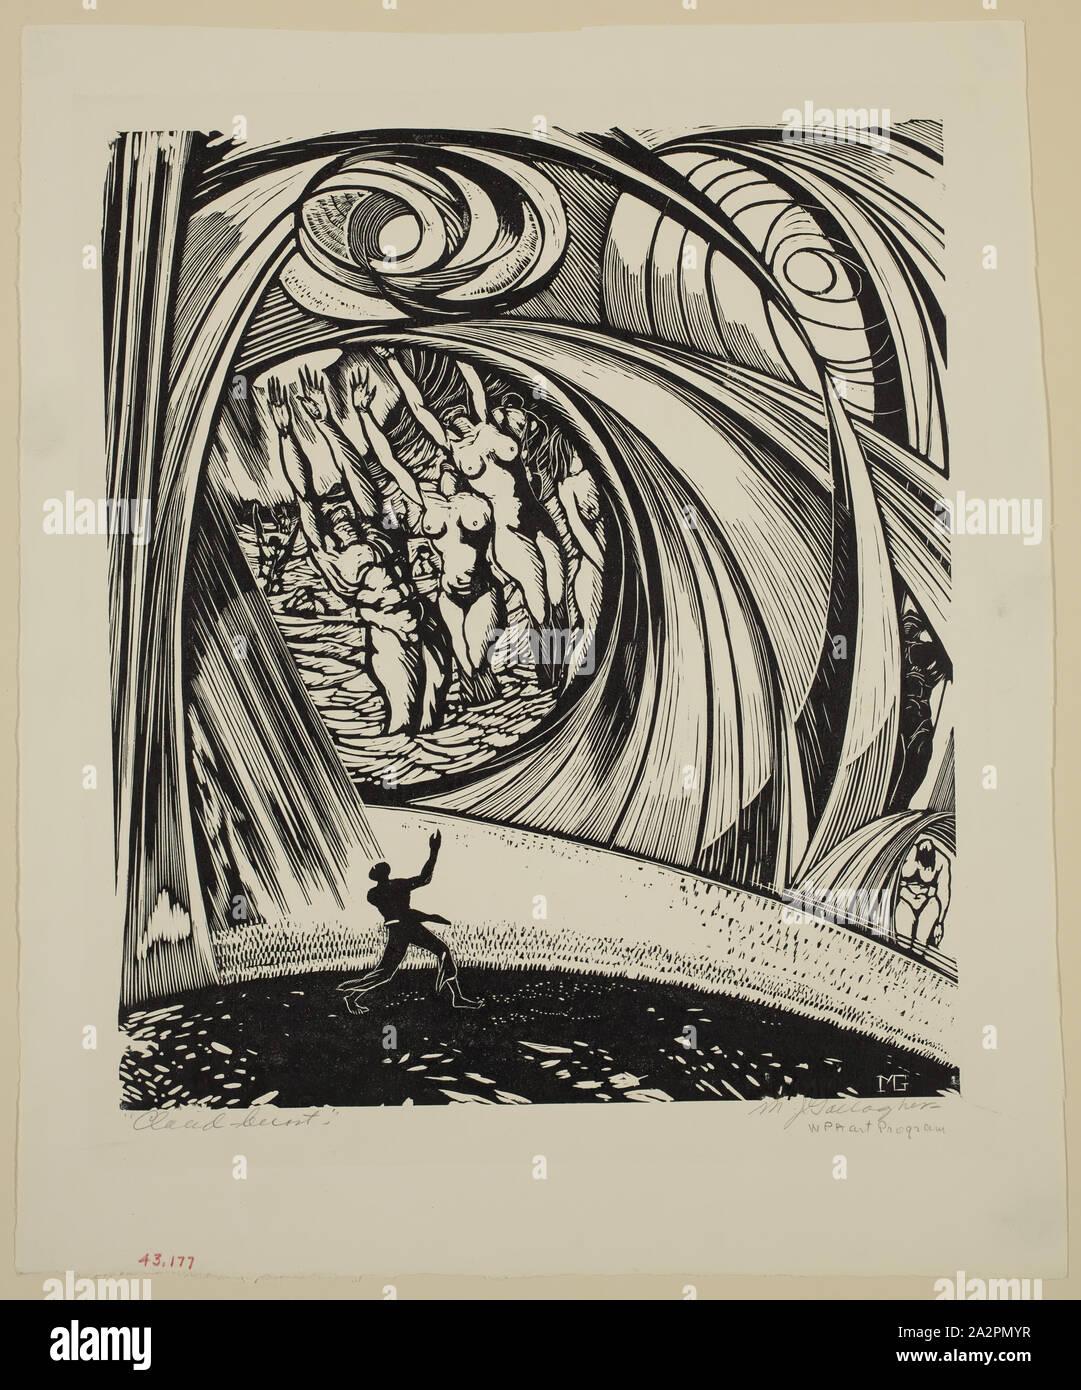 Michael J. Gallagher, Americano, nacido en 1898, Cloud Burst, entre 1934 y 1943, la xilografía impreso en tinta negra sobre papel, tejió imagen: 10 × 9 1/2 pulgadas (26,7 × 22,9 cm Foto de stock